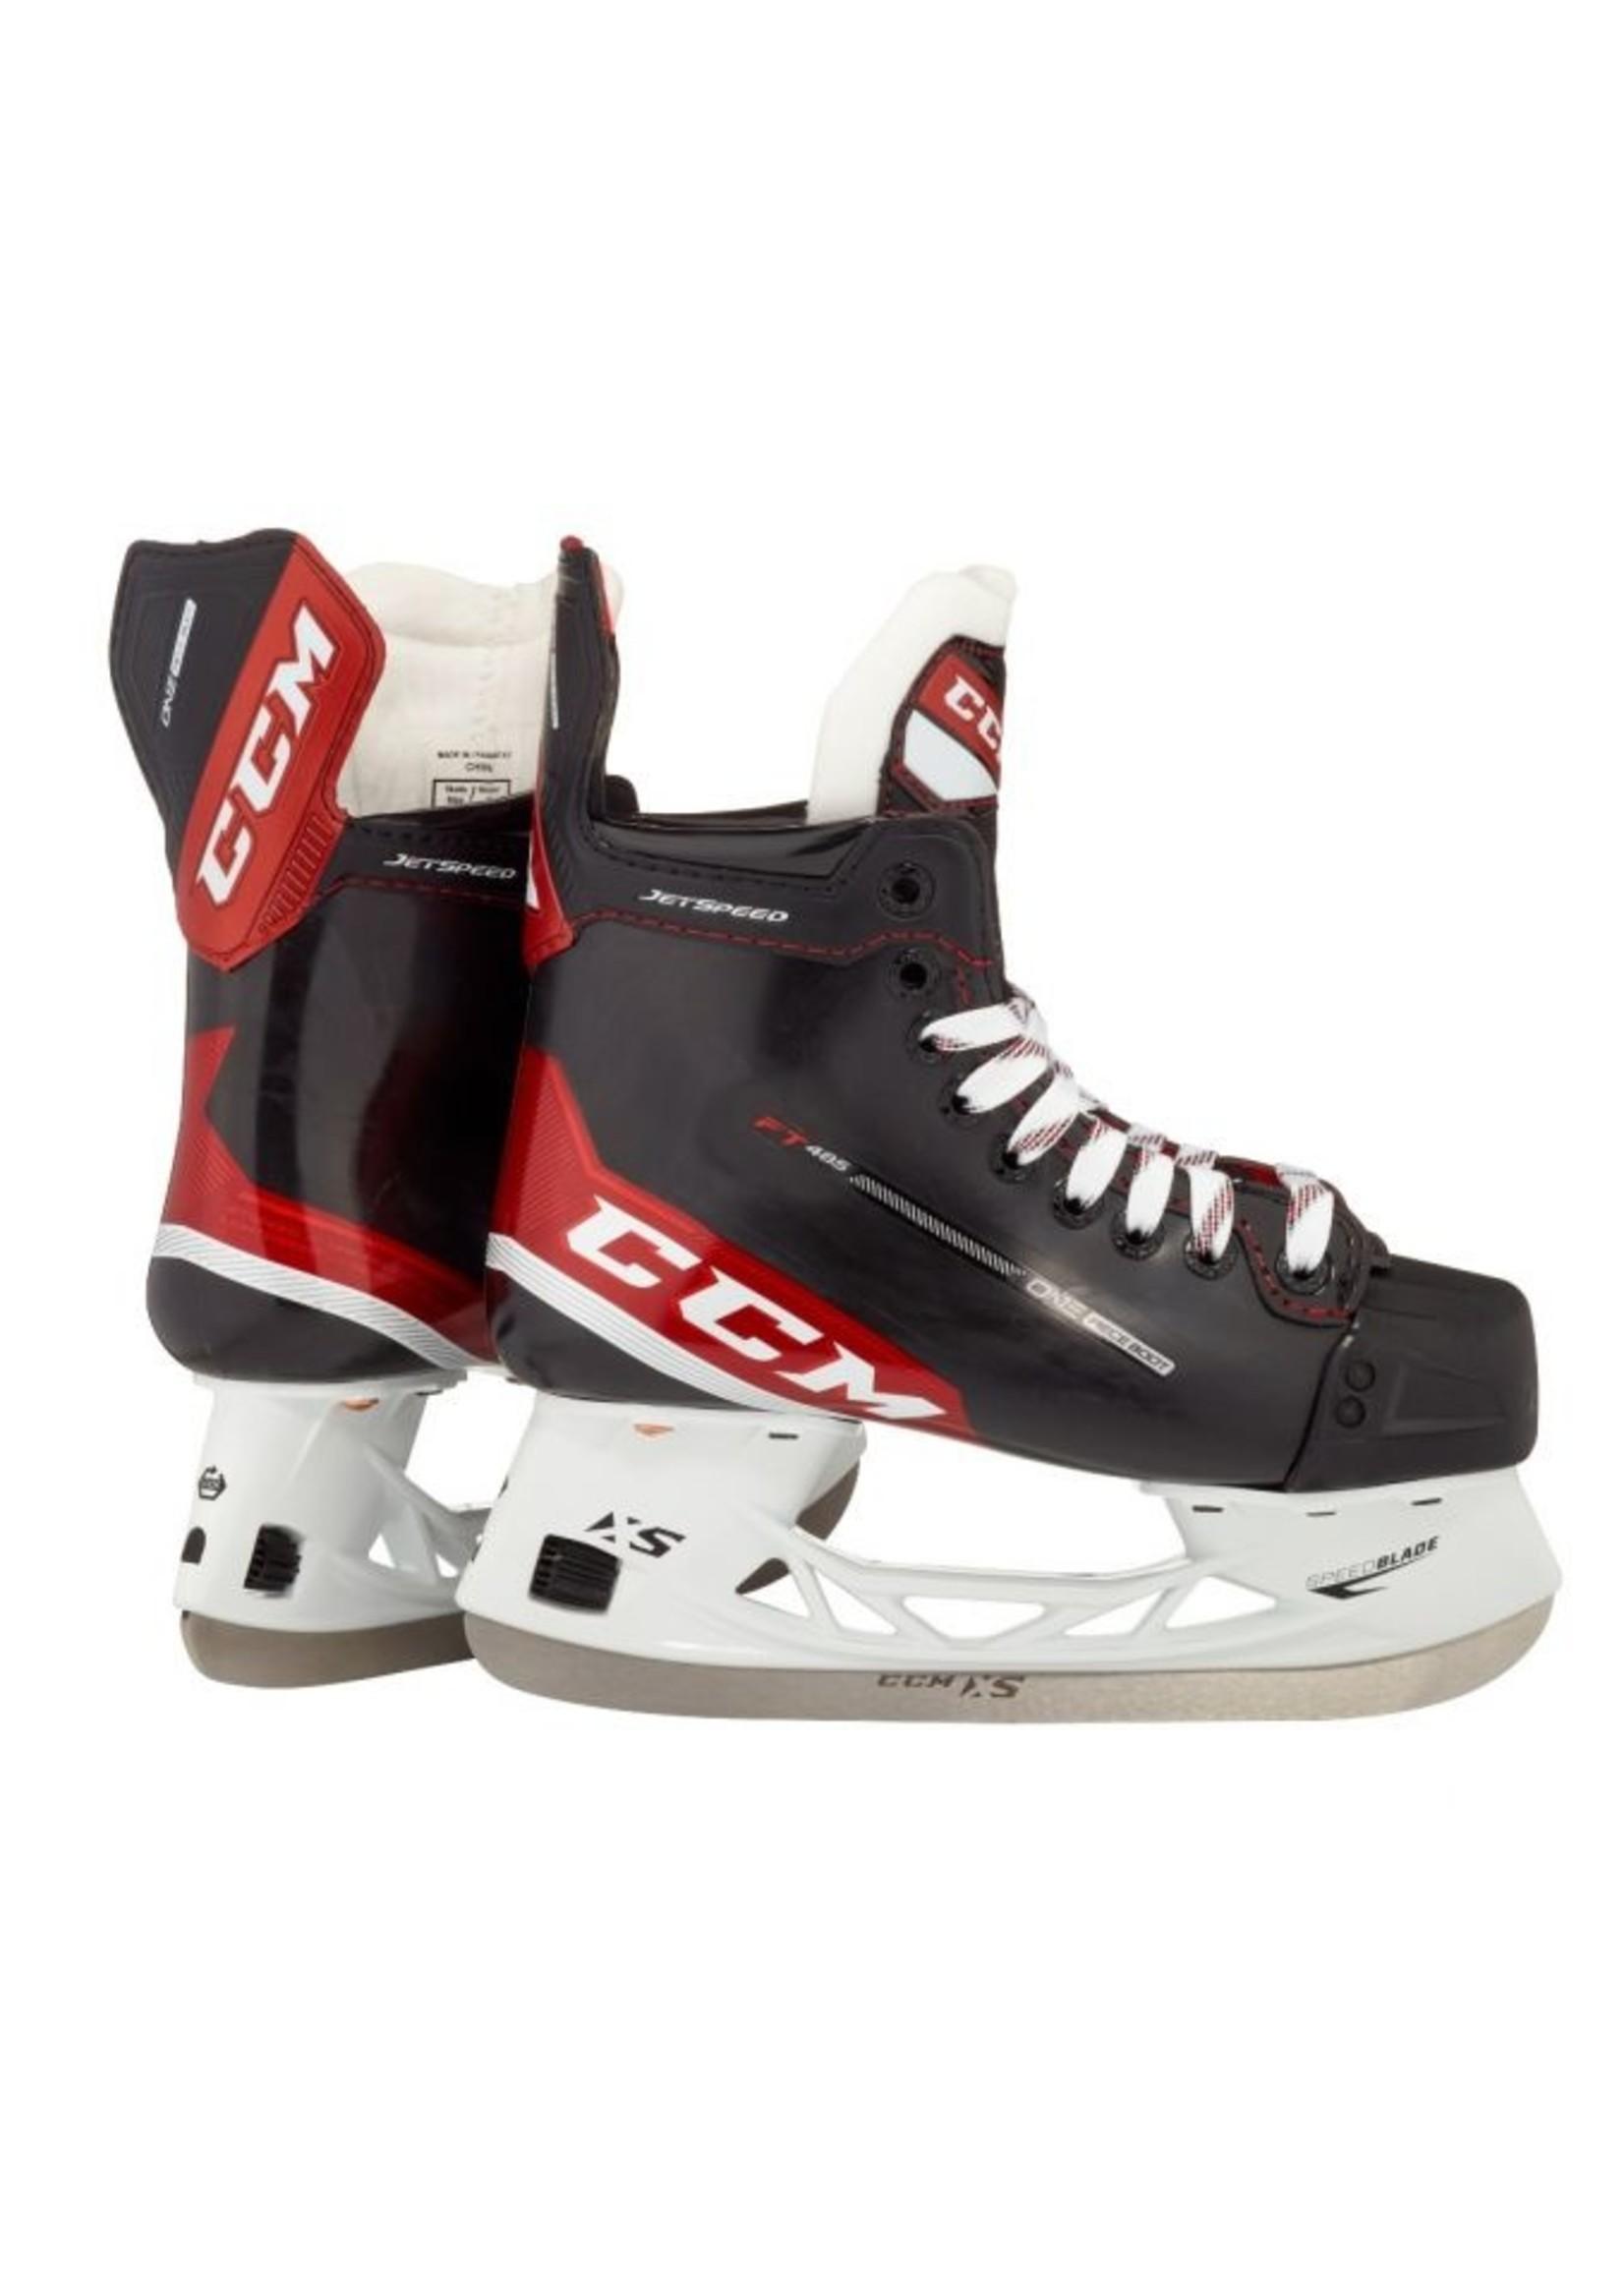 CCM Hockey CCM JETSPEED FT485 YTH HOCKEY SKATES